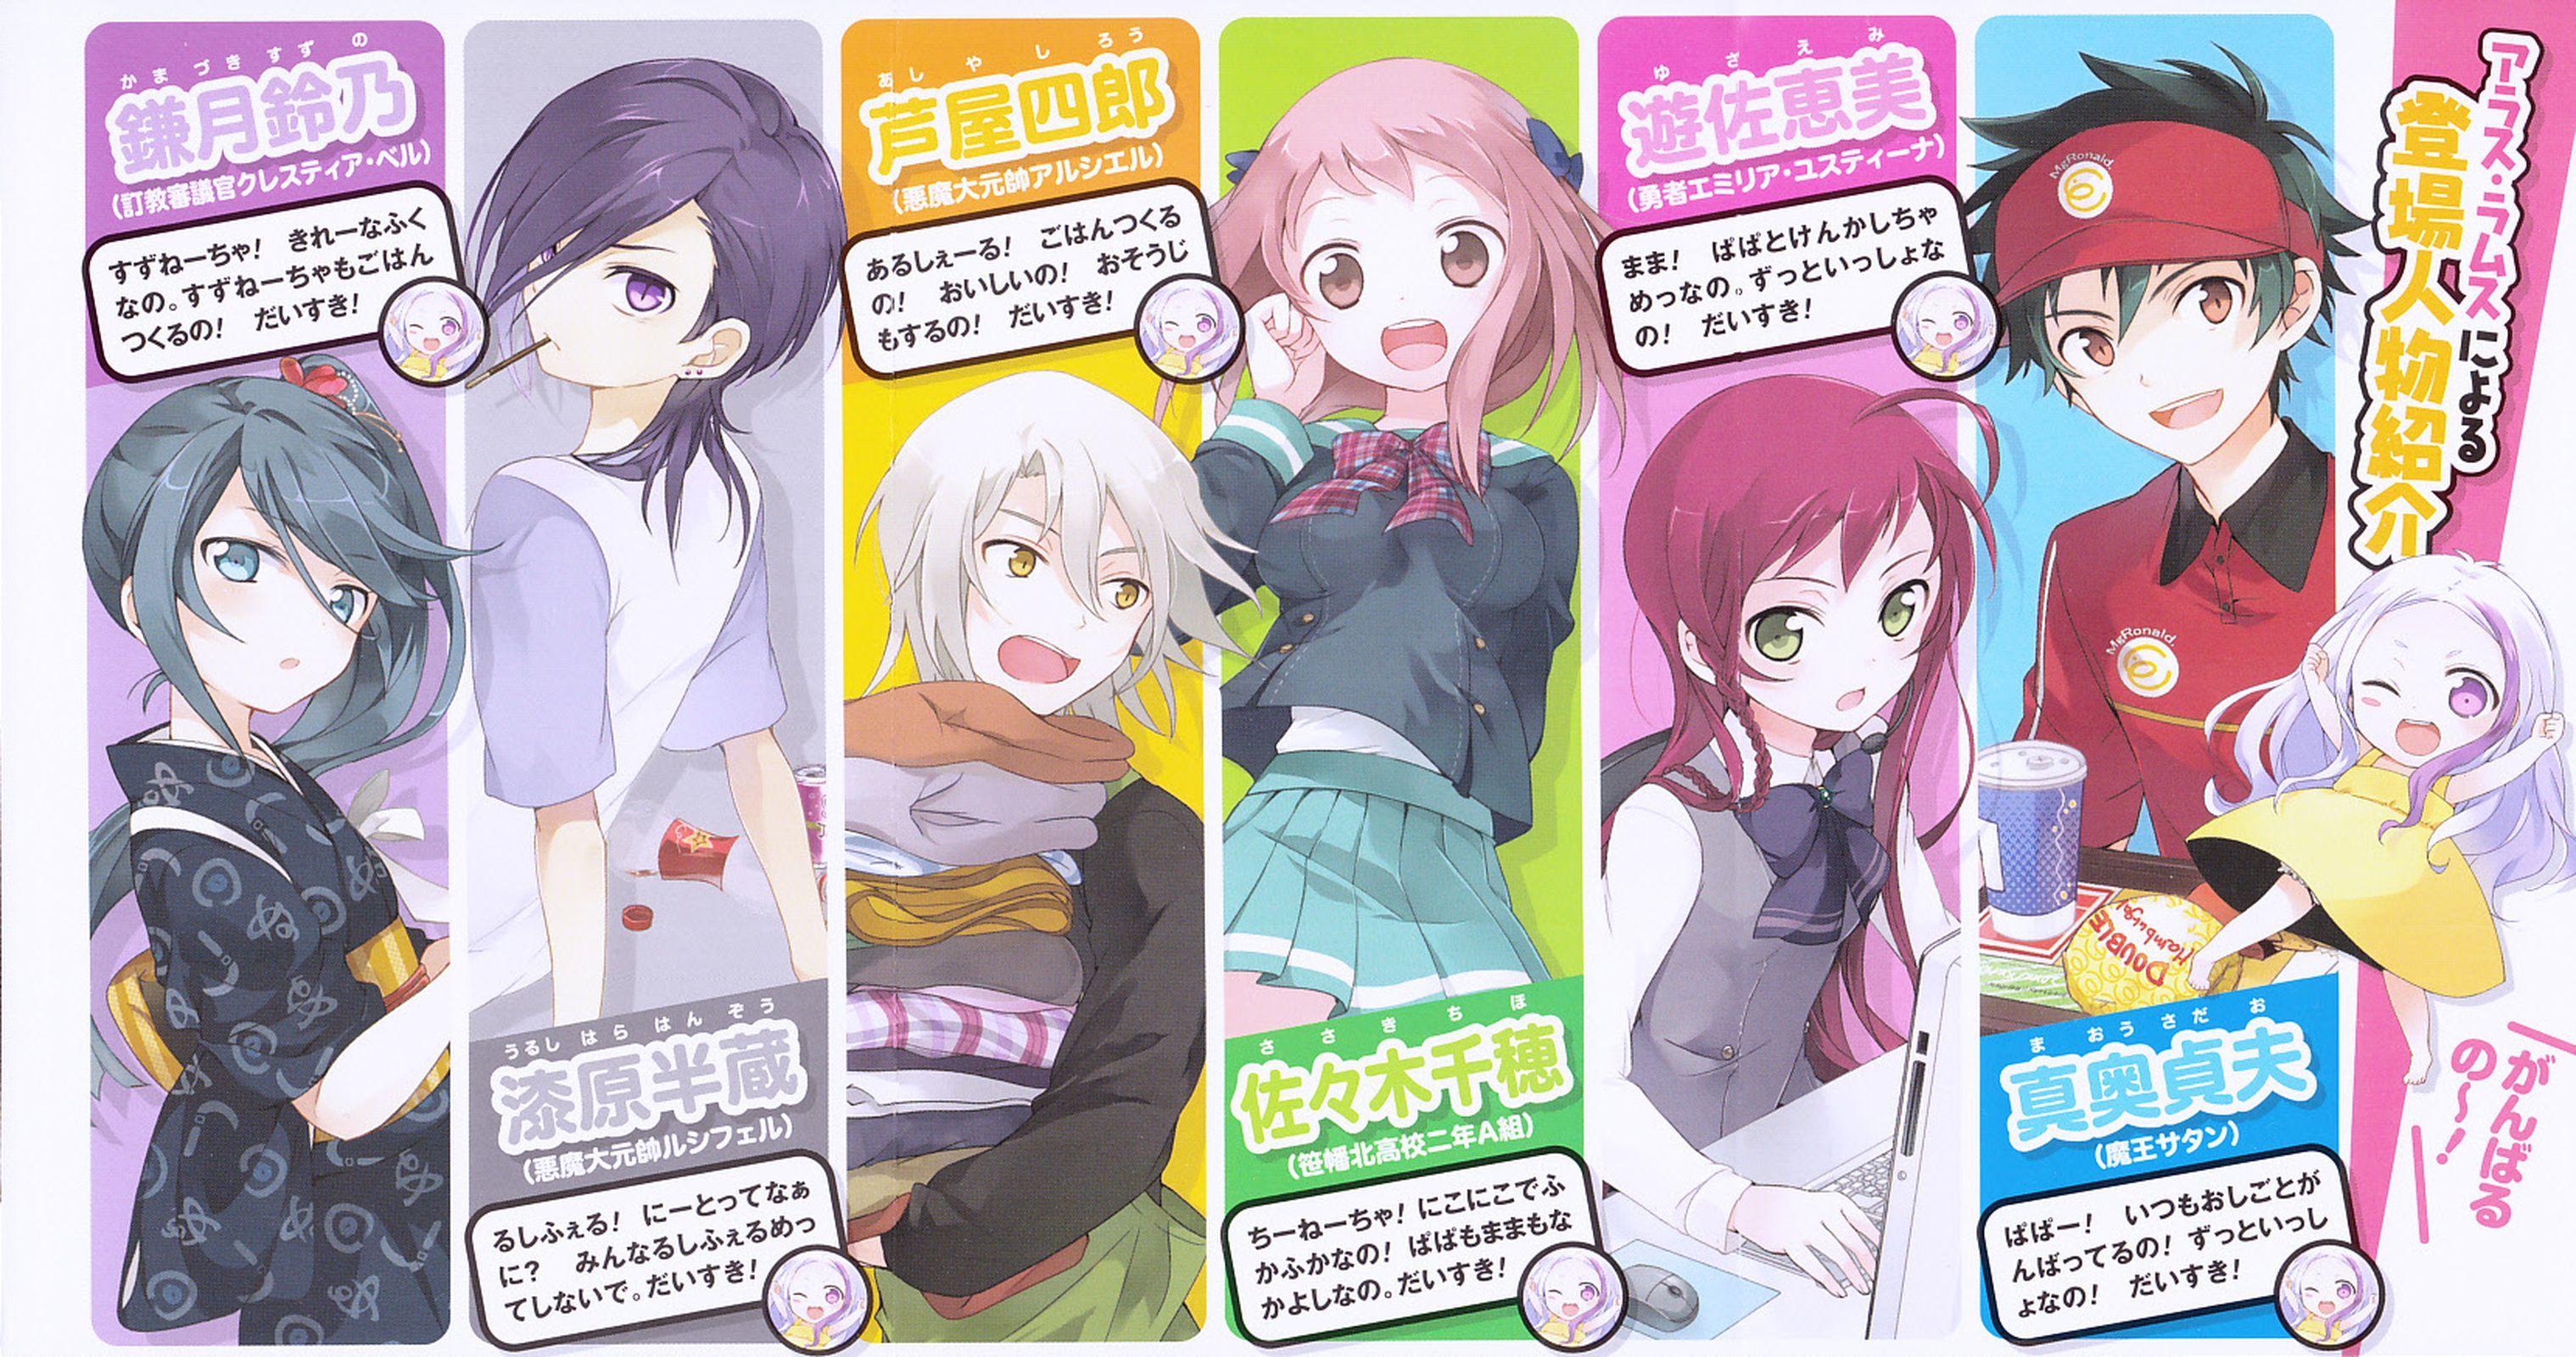 hataraku maou sama v4 characters 3037Ã 1600 manga light